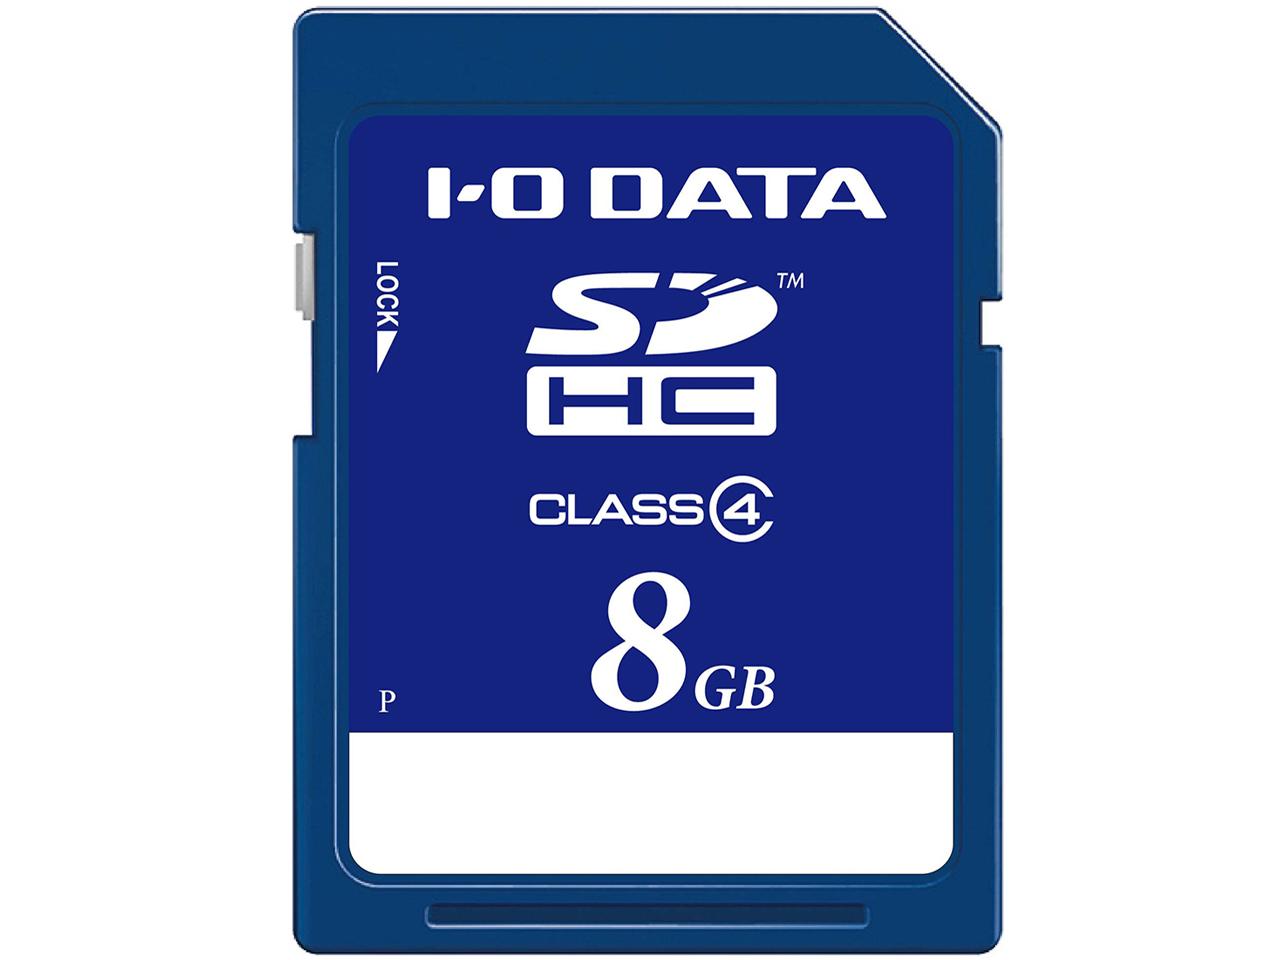 SDH-W8GR [8GB] の製品画像